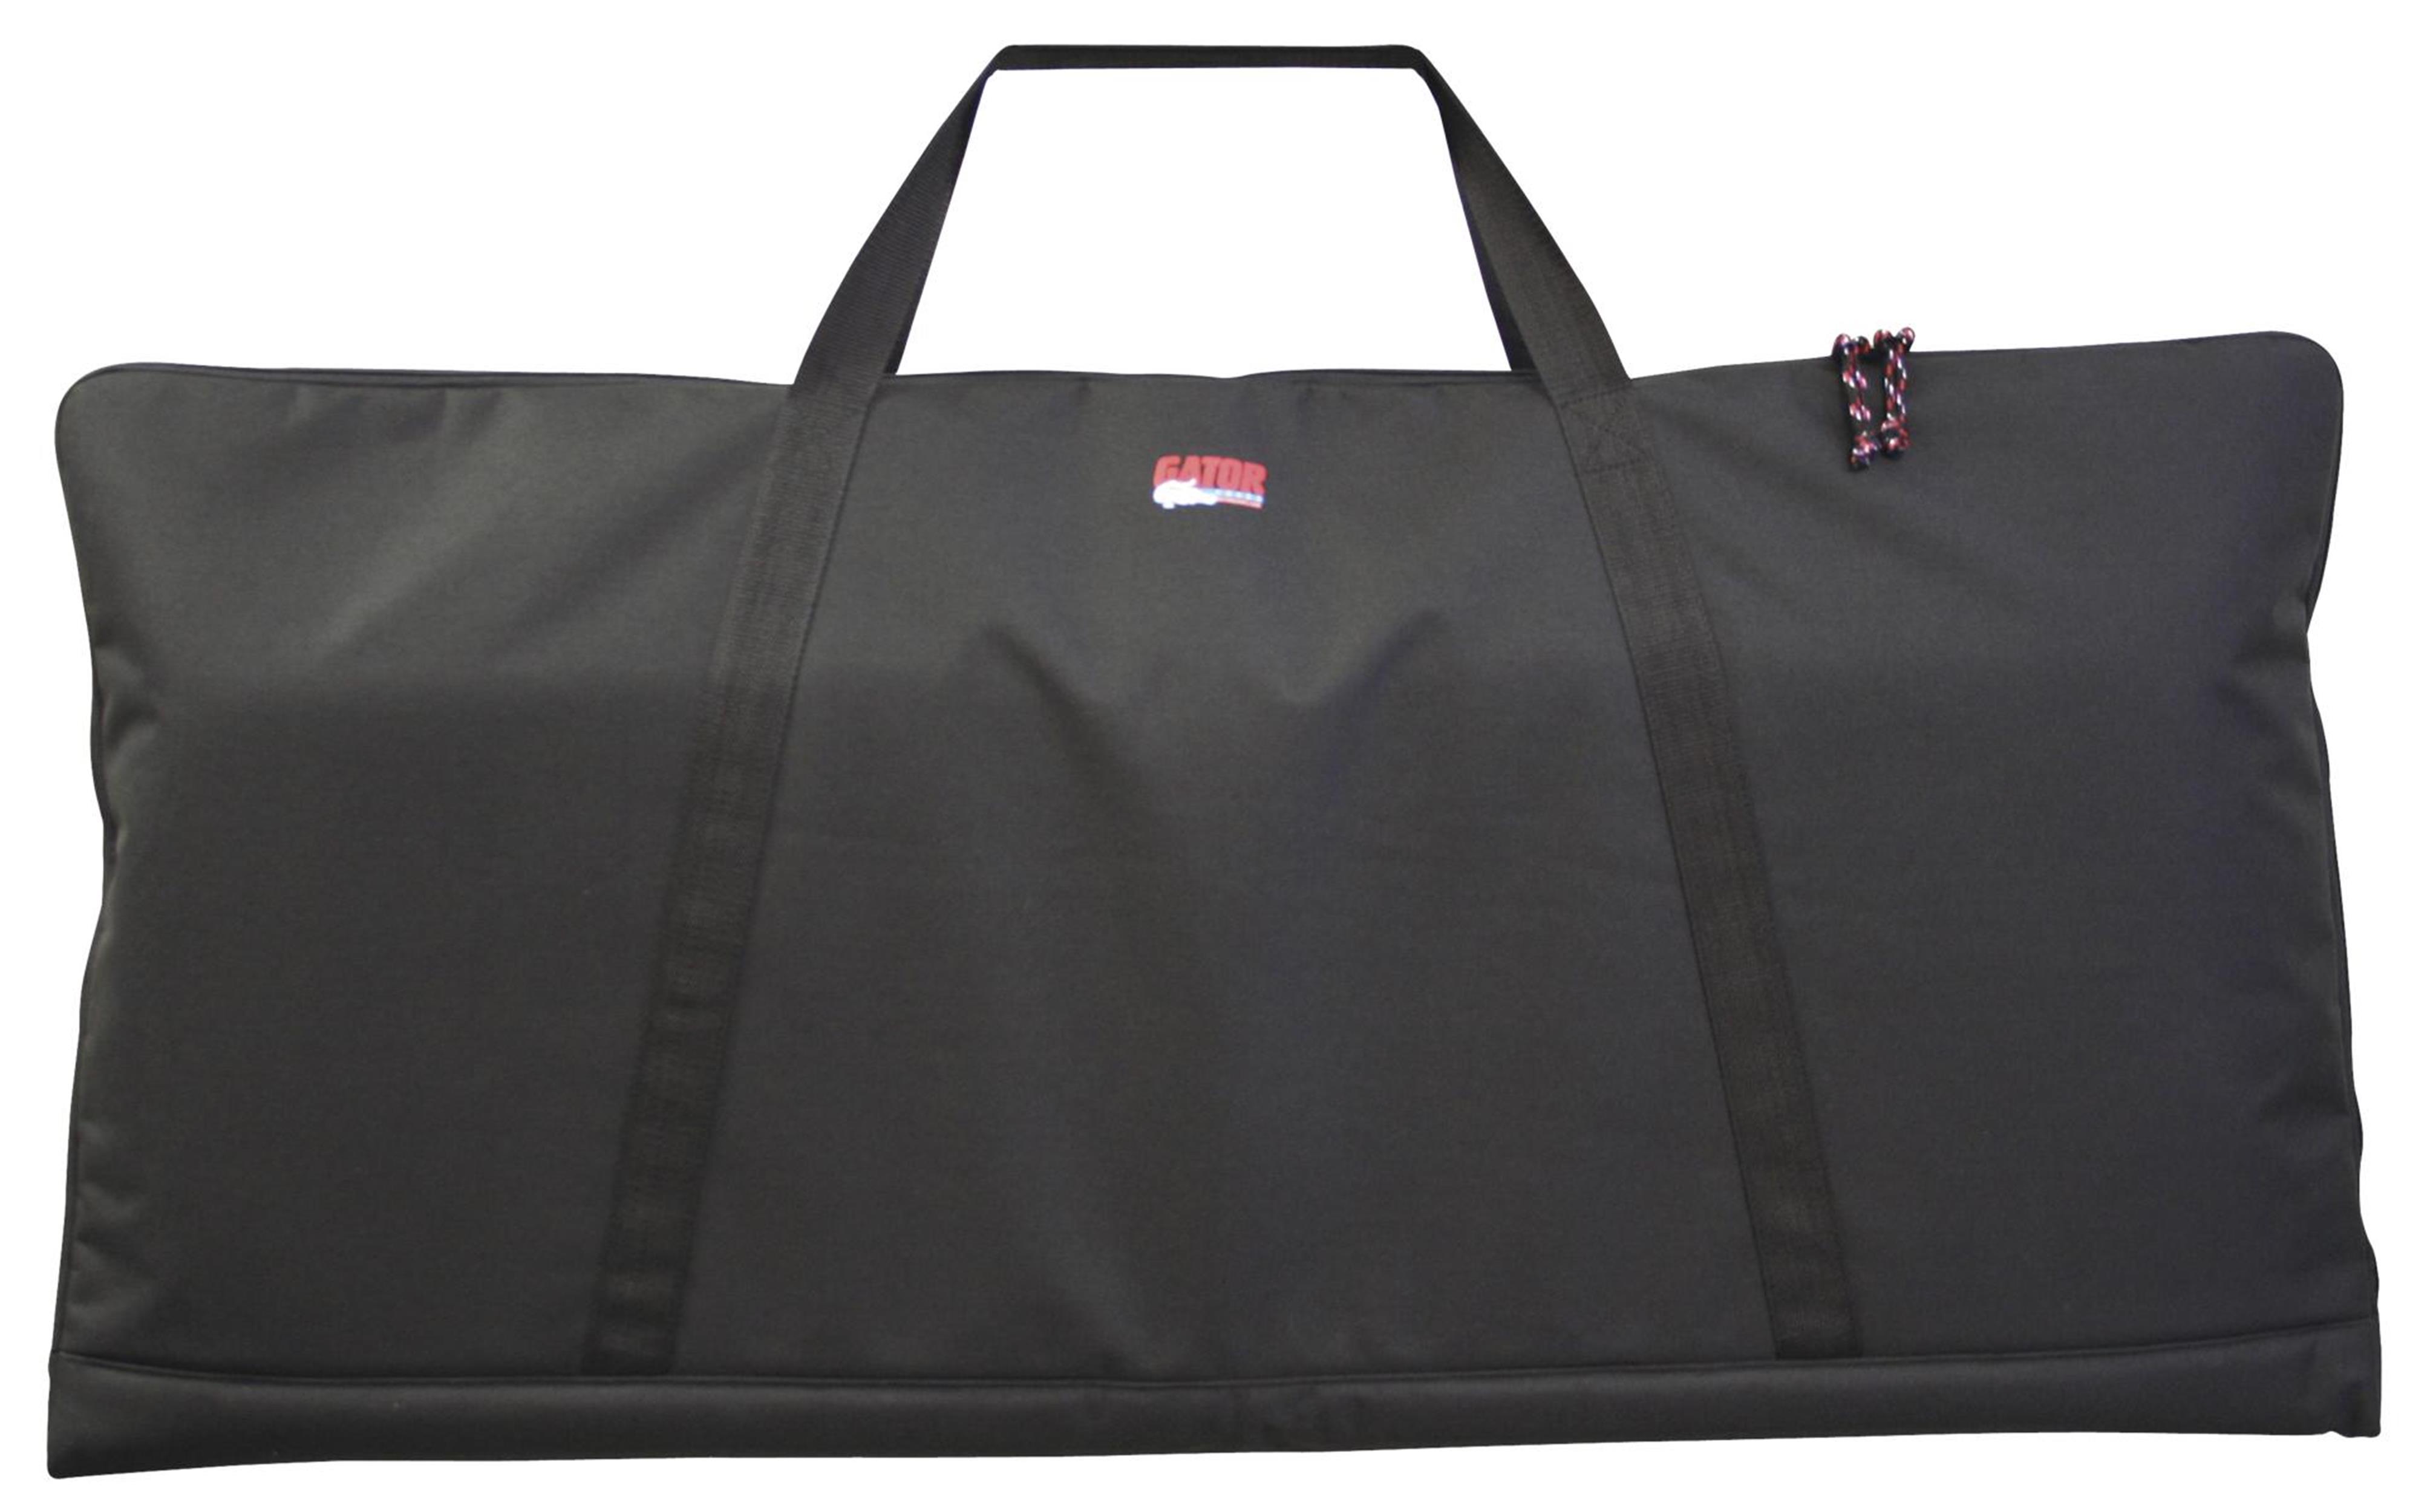 Gator GKBE-88 - borsa per tastiera 88 tasti - Tastiere Accessori - Custodie e Borse